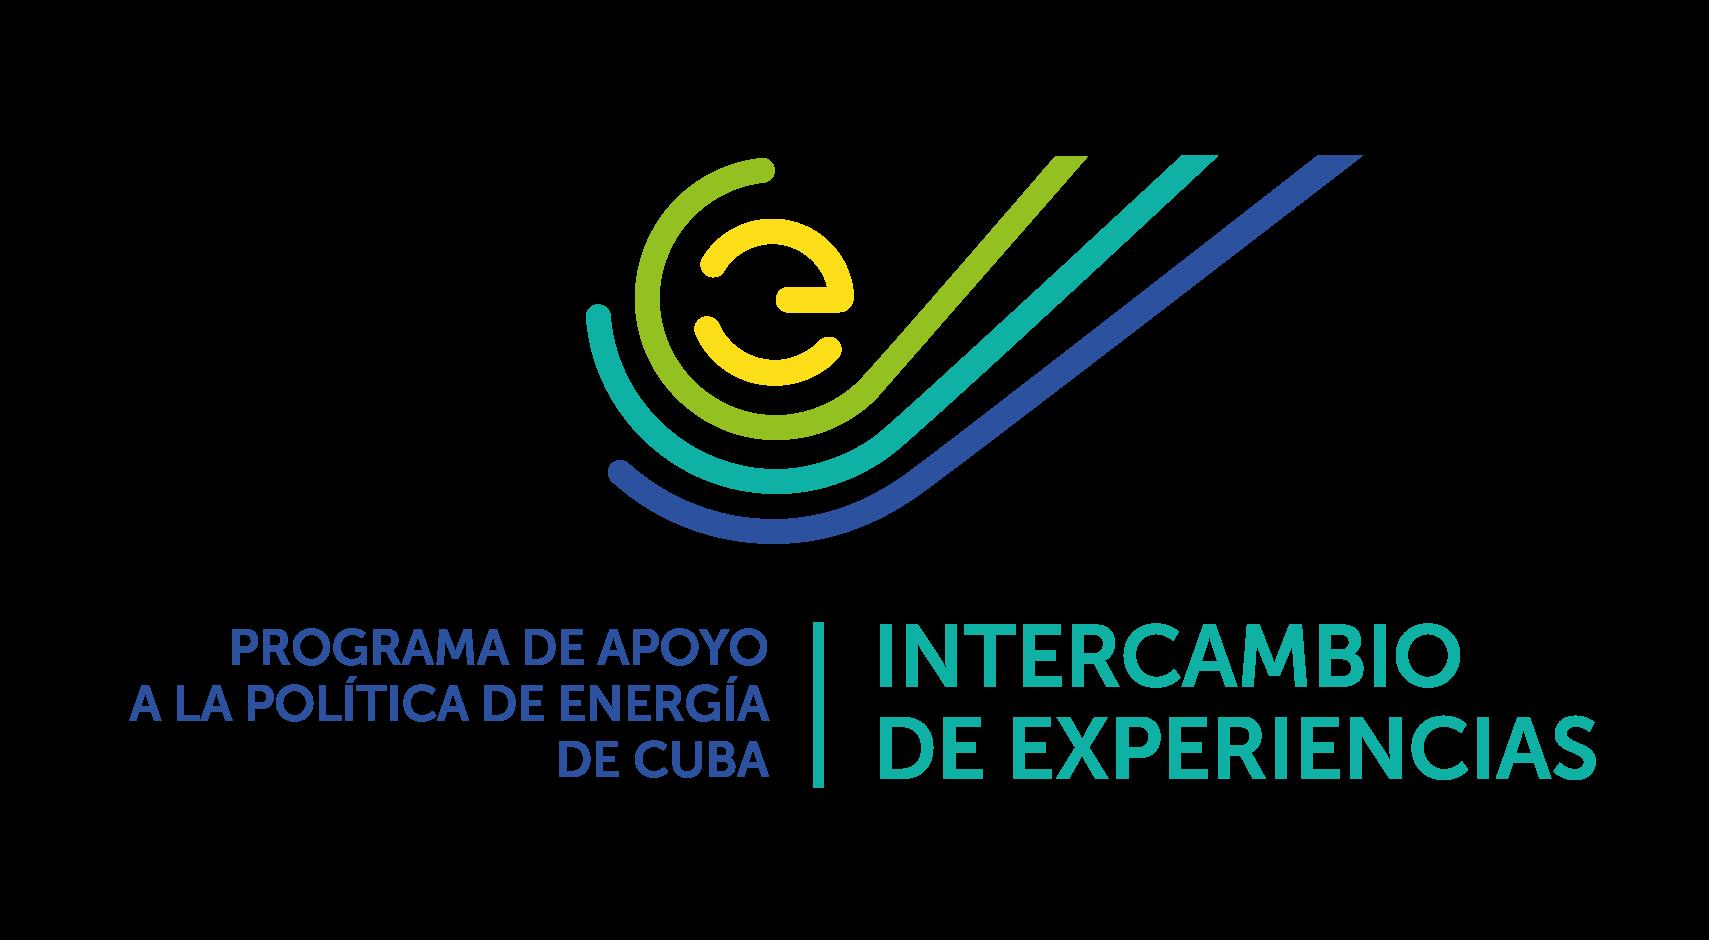 Intercambio de experiencias - Programa de apoyo a la política de energía de Cuba